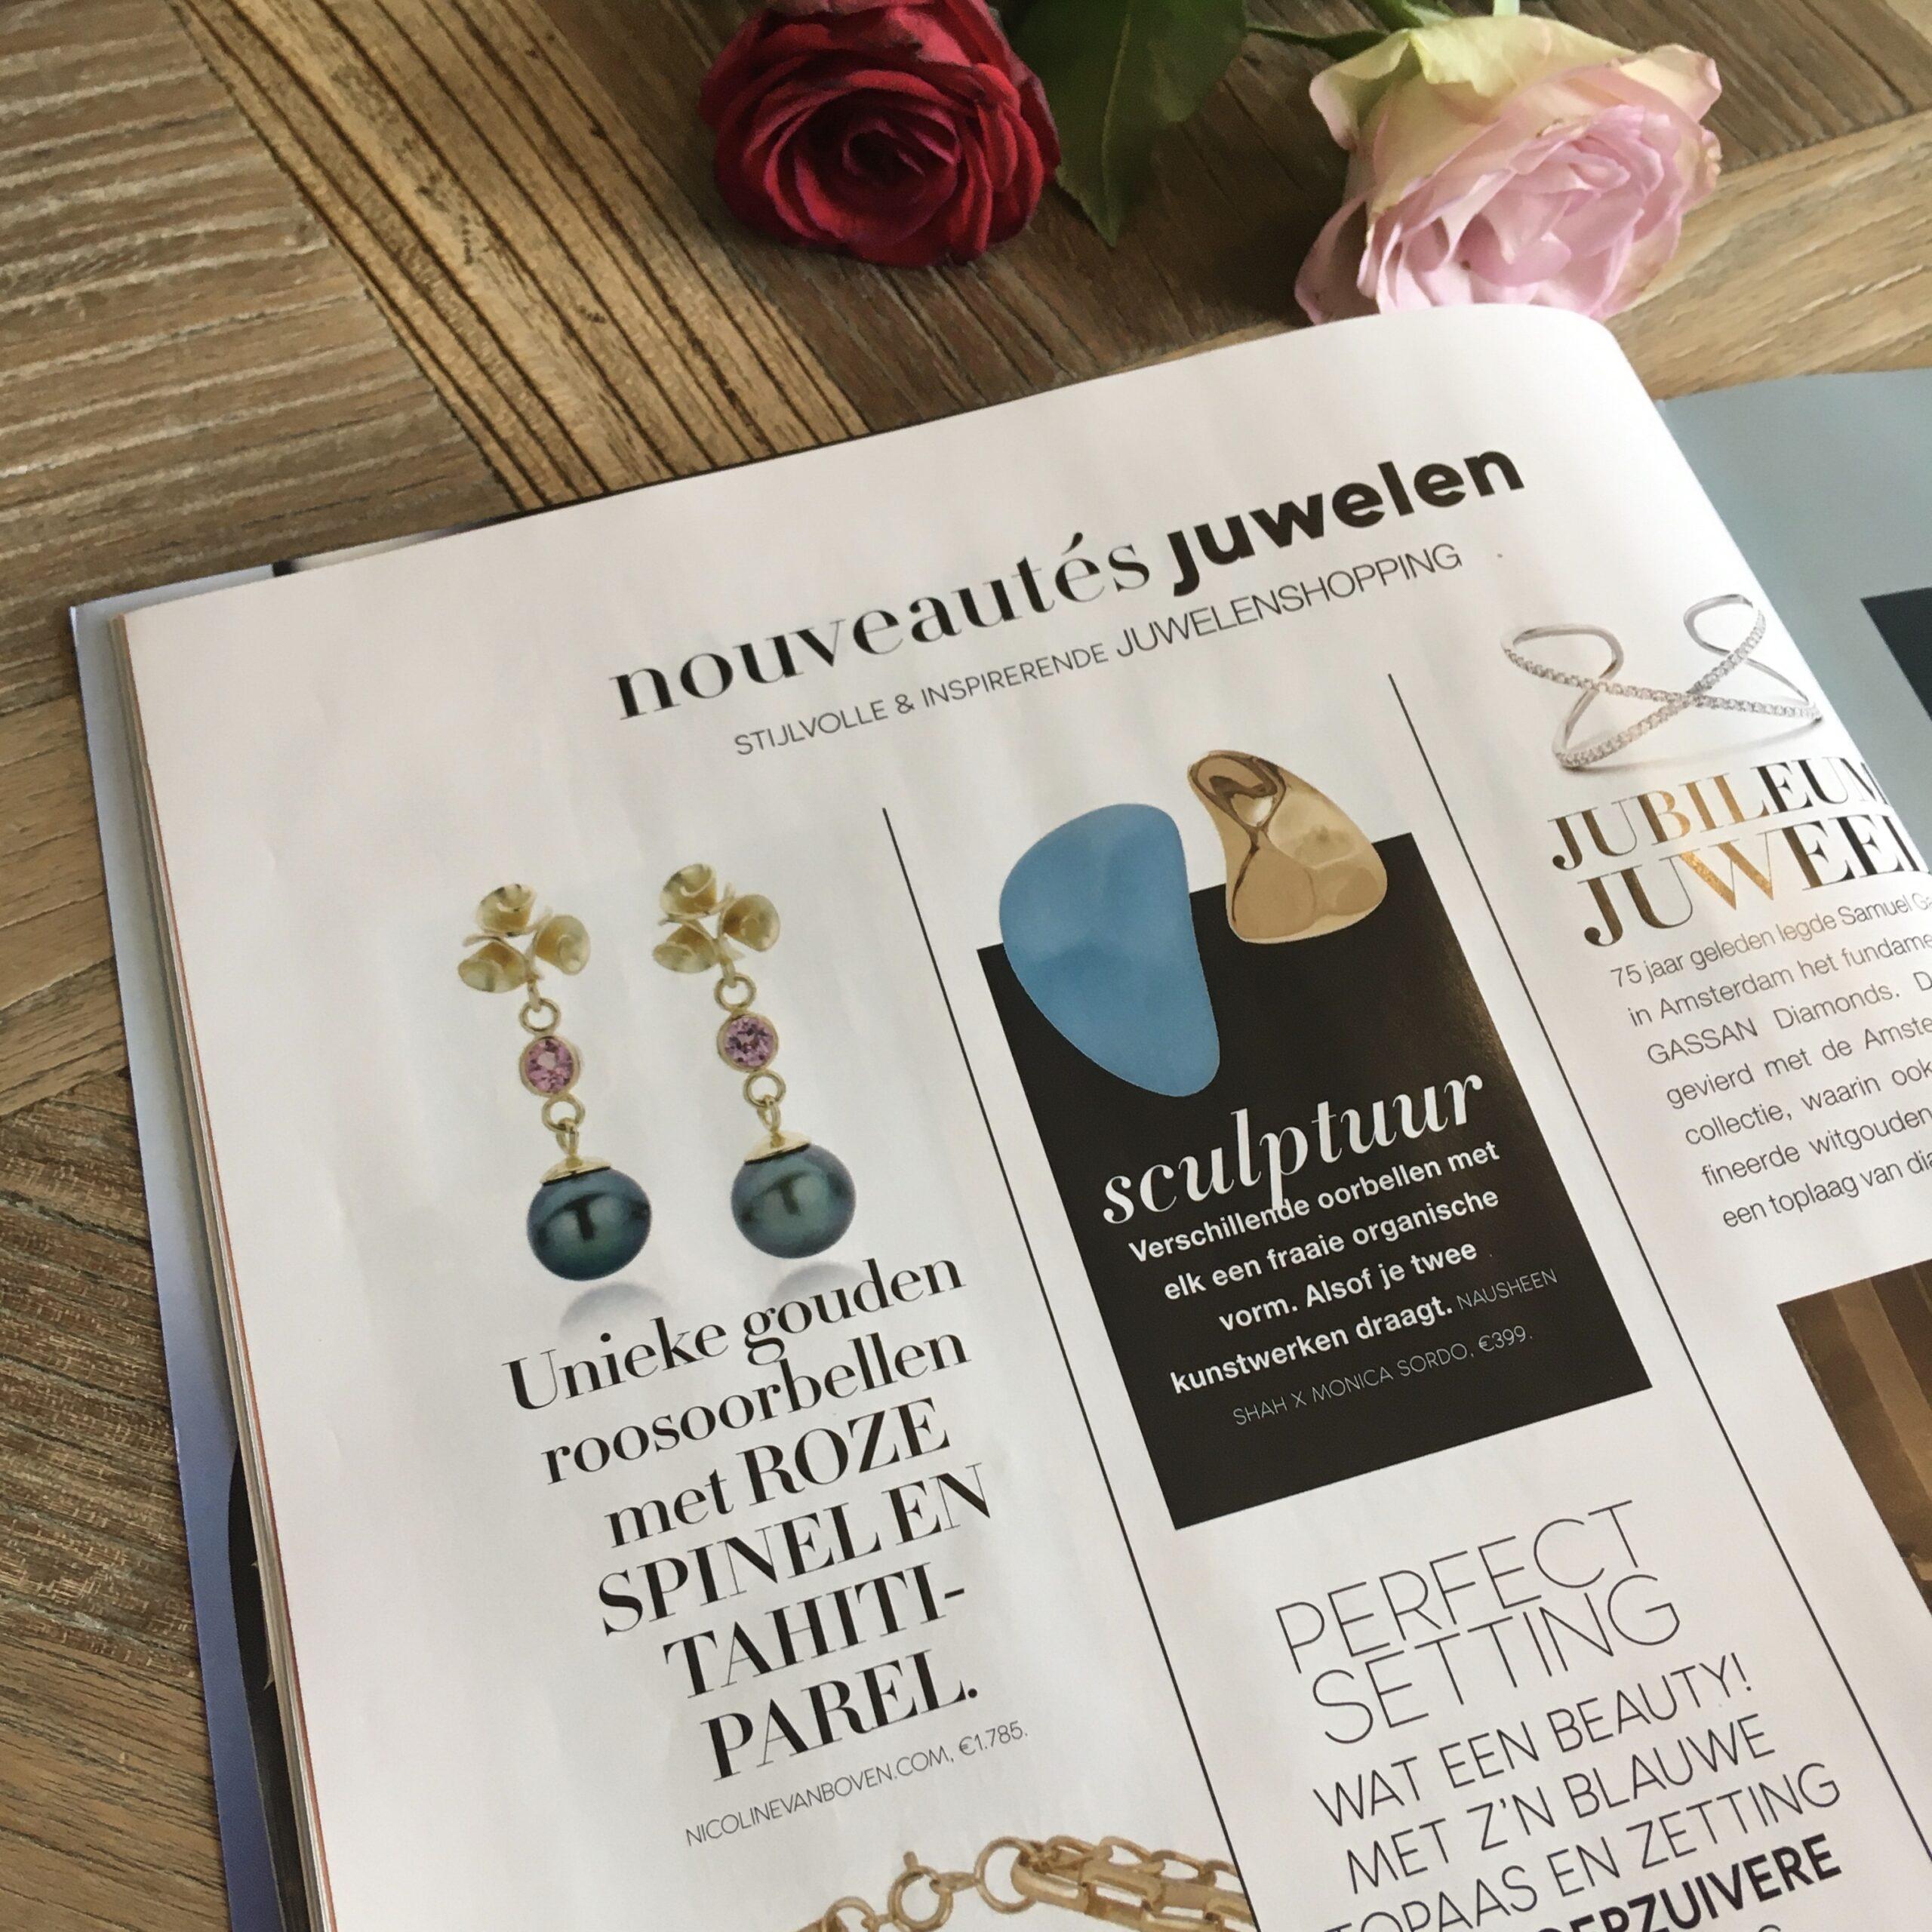 Publicatie Nouveau 13 2020, roosjes oorbellen Nicoline van Boven